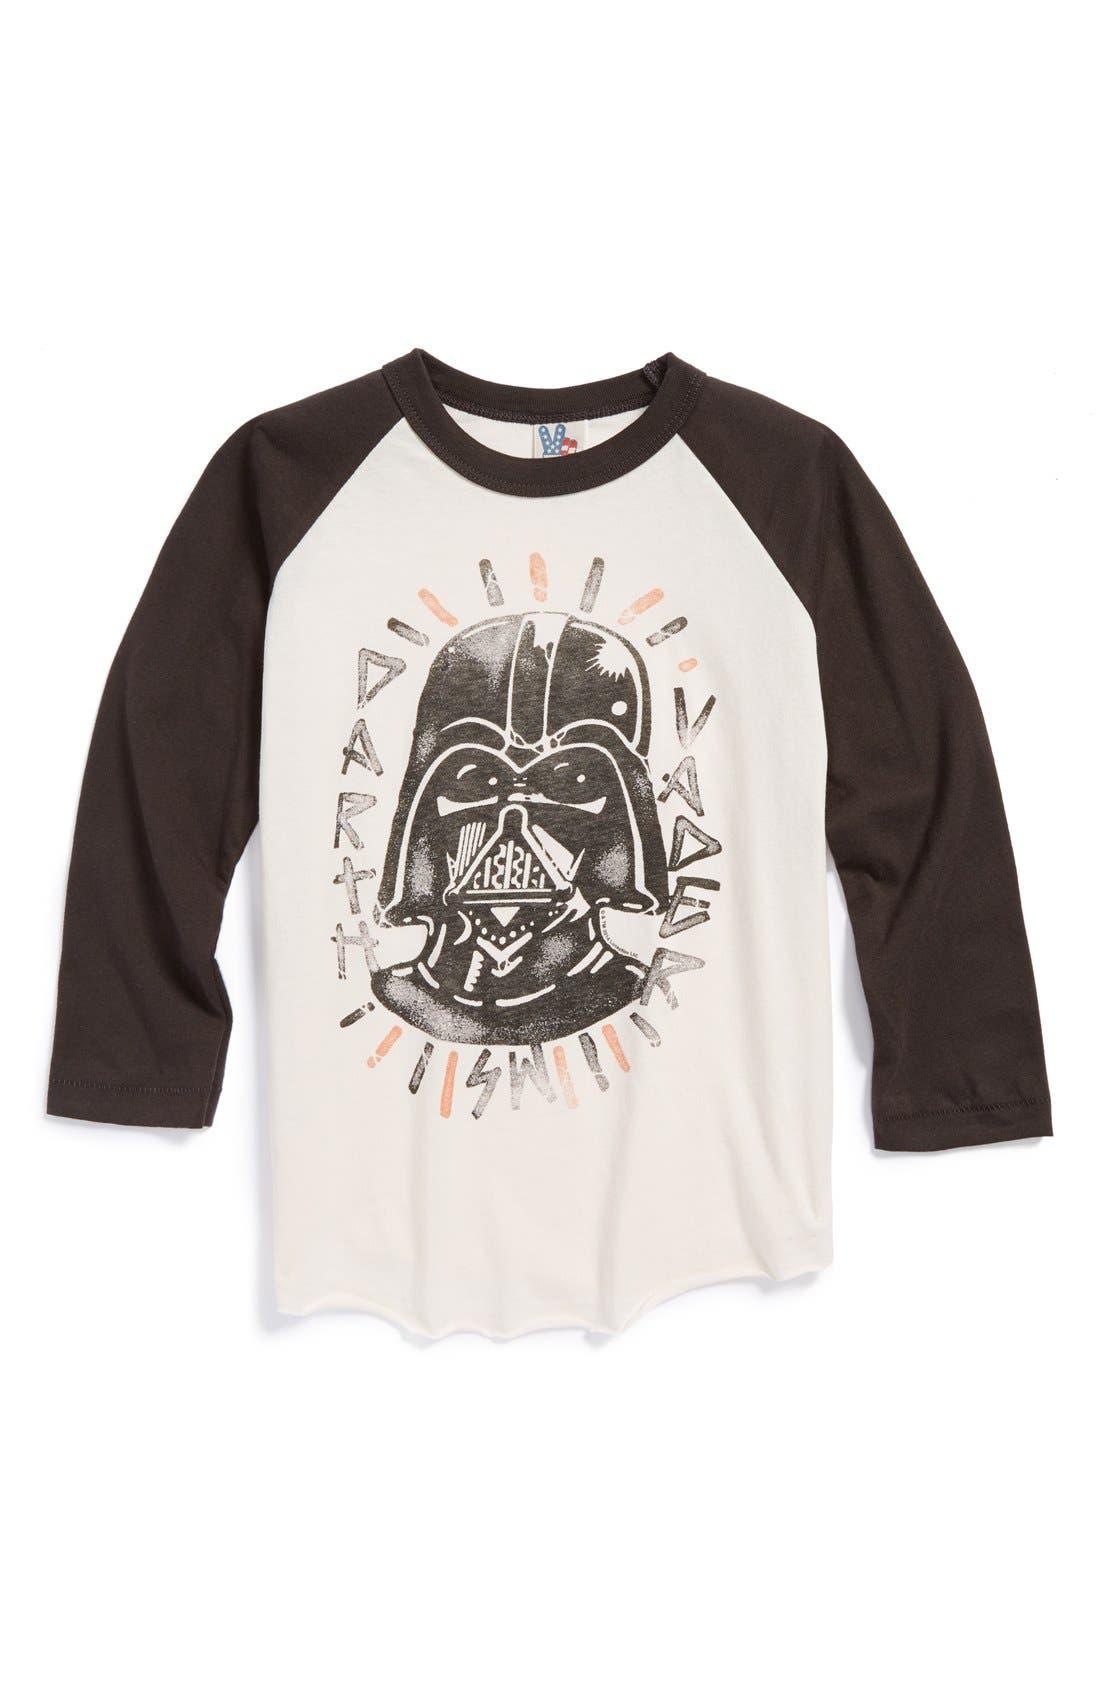 Main Image - Junk Food 'Darth Vader' T-Shirt (Toddler Boys)